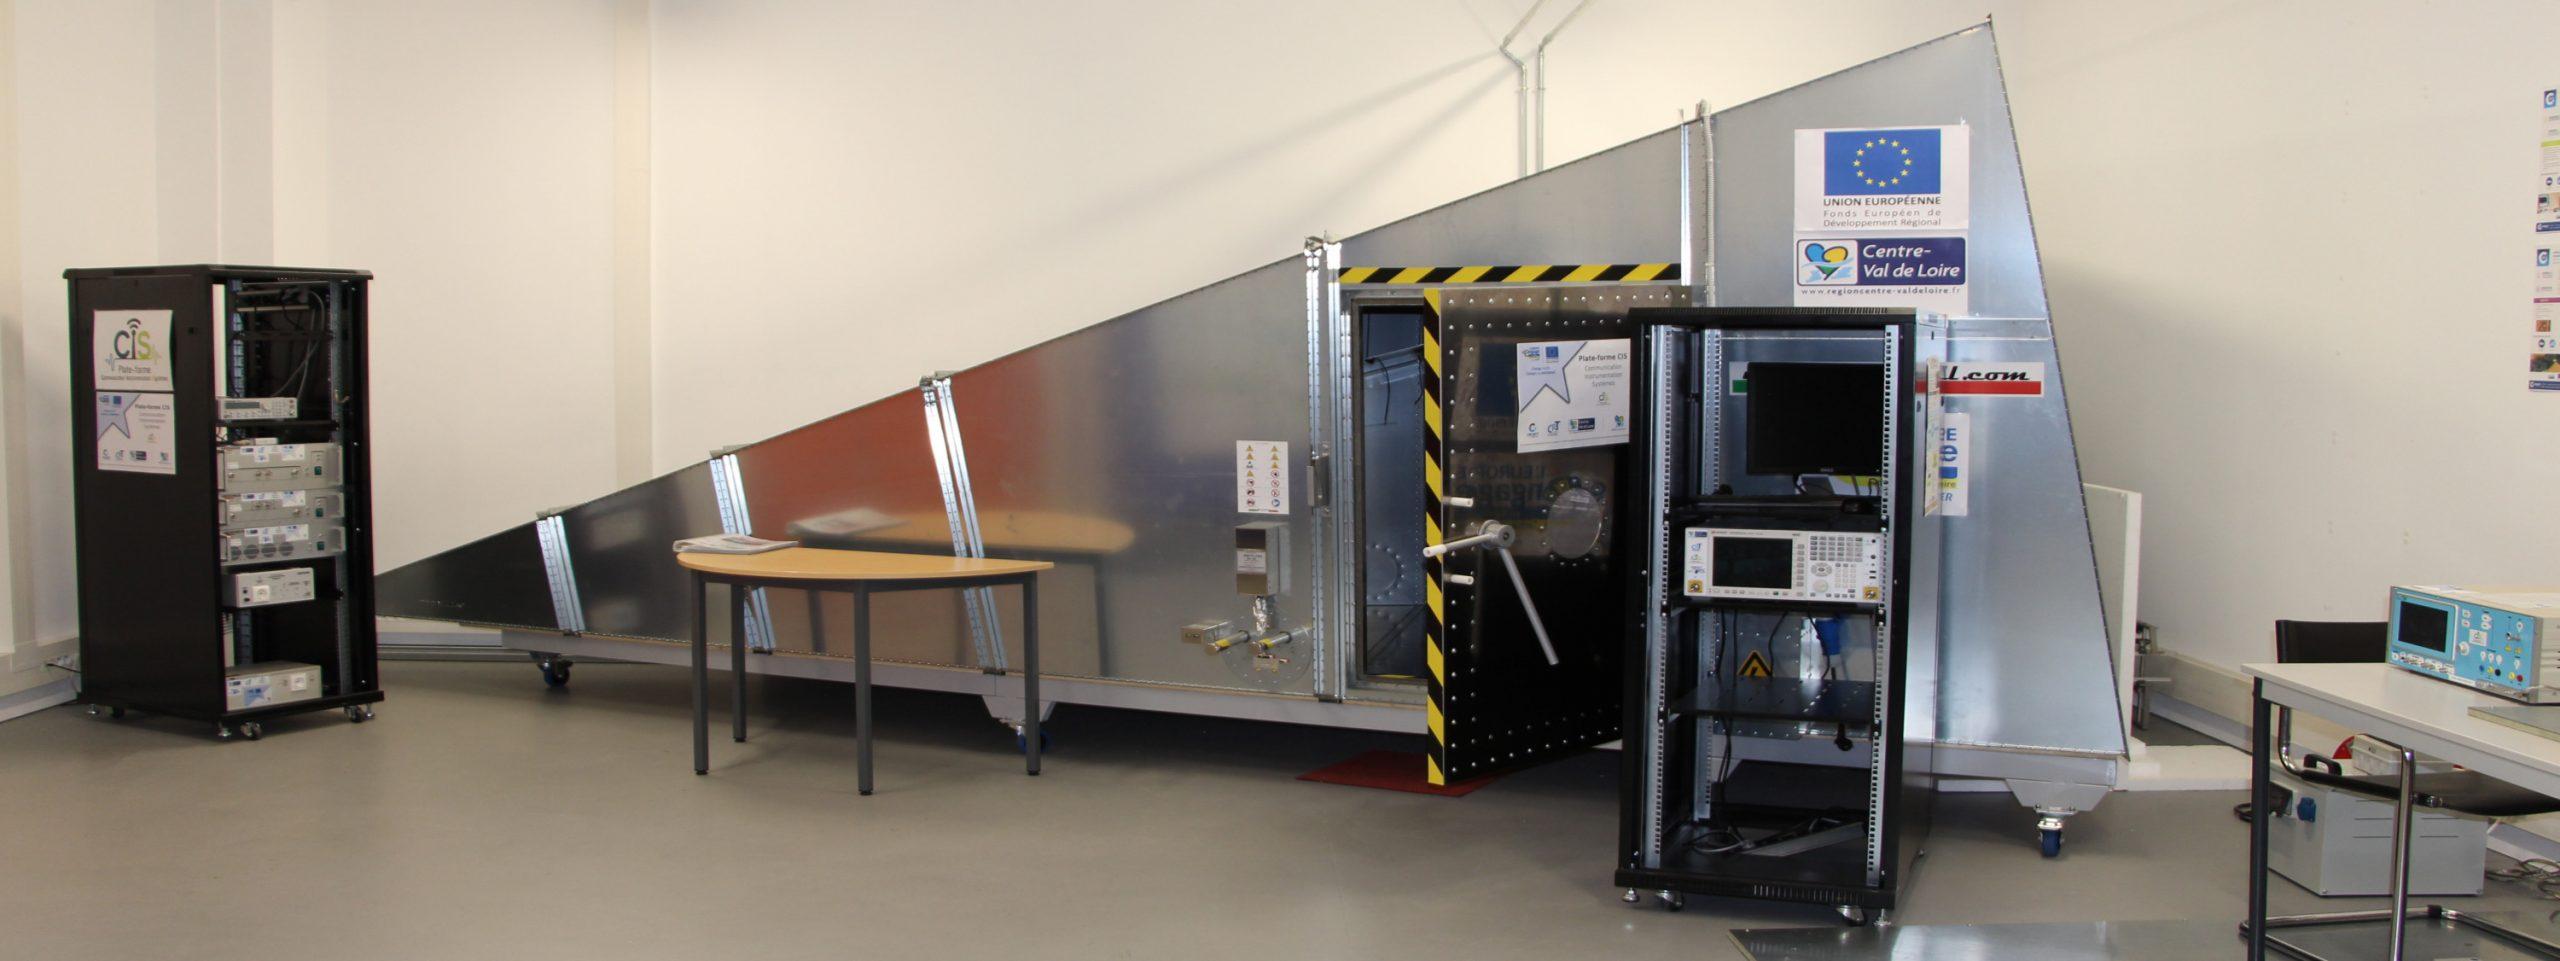 CRESITT Industrie: Mesures de pré-qualification CEM et RF (antennes)